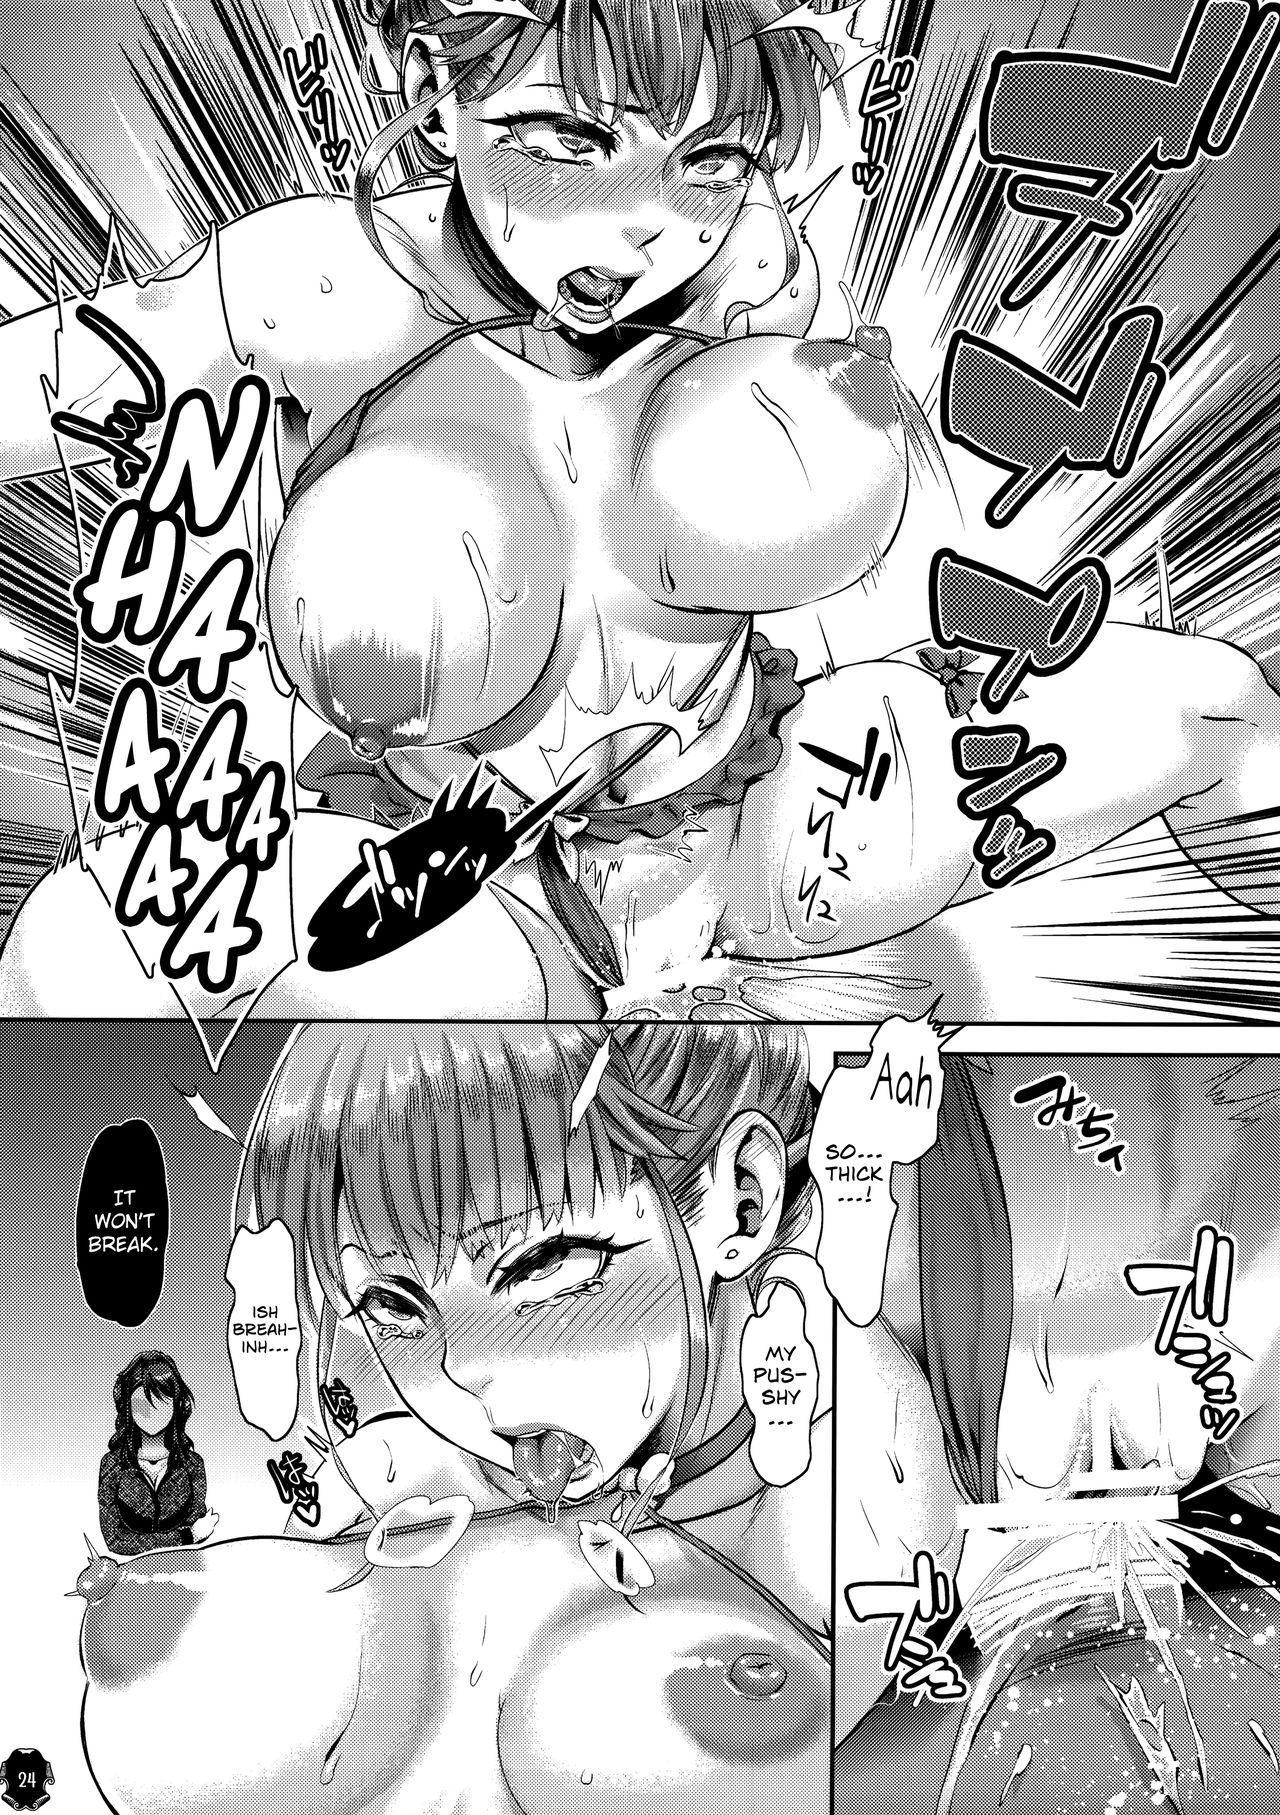 Heroine wa Tsukureru. 23